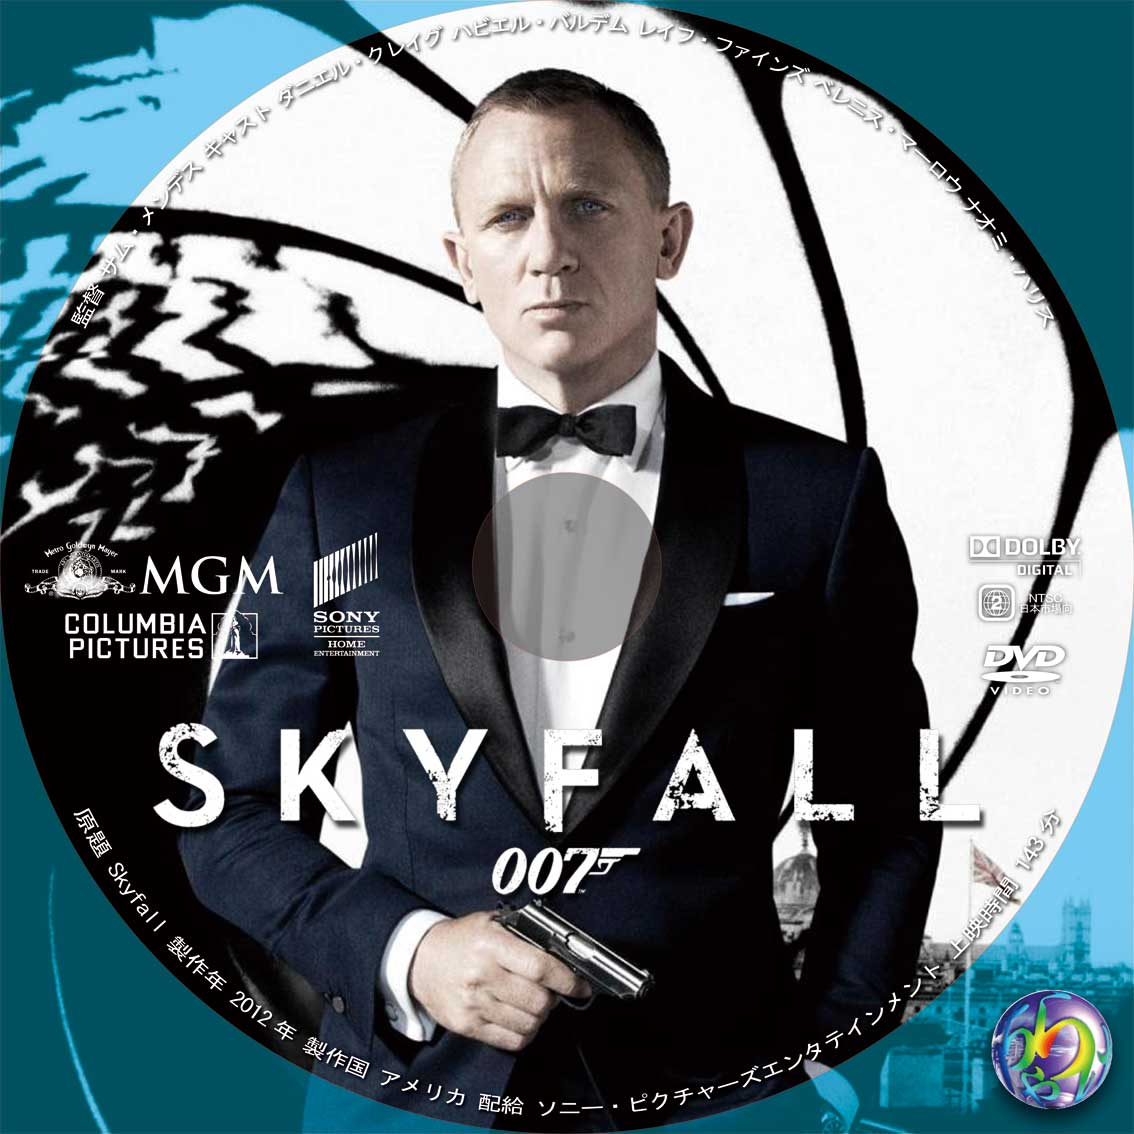 Skyfall Dvd Labe...007 Skyfall Dvd Cover